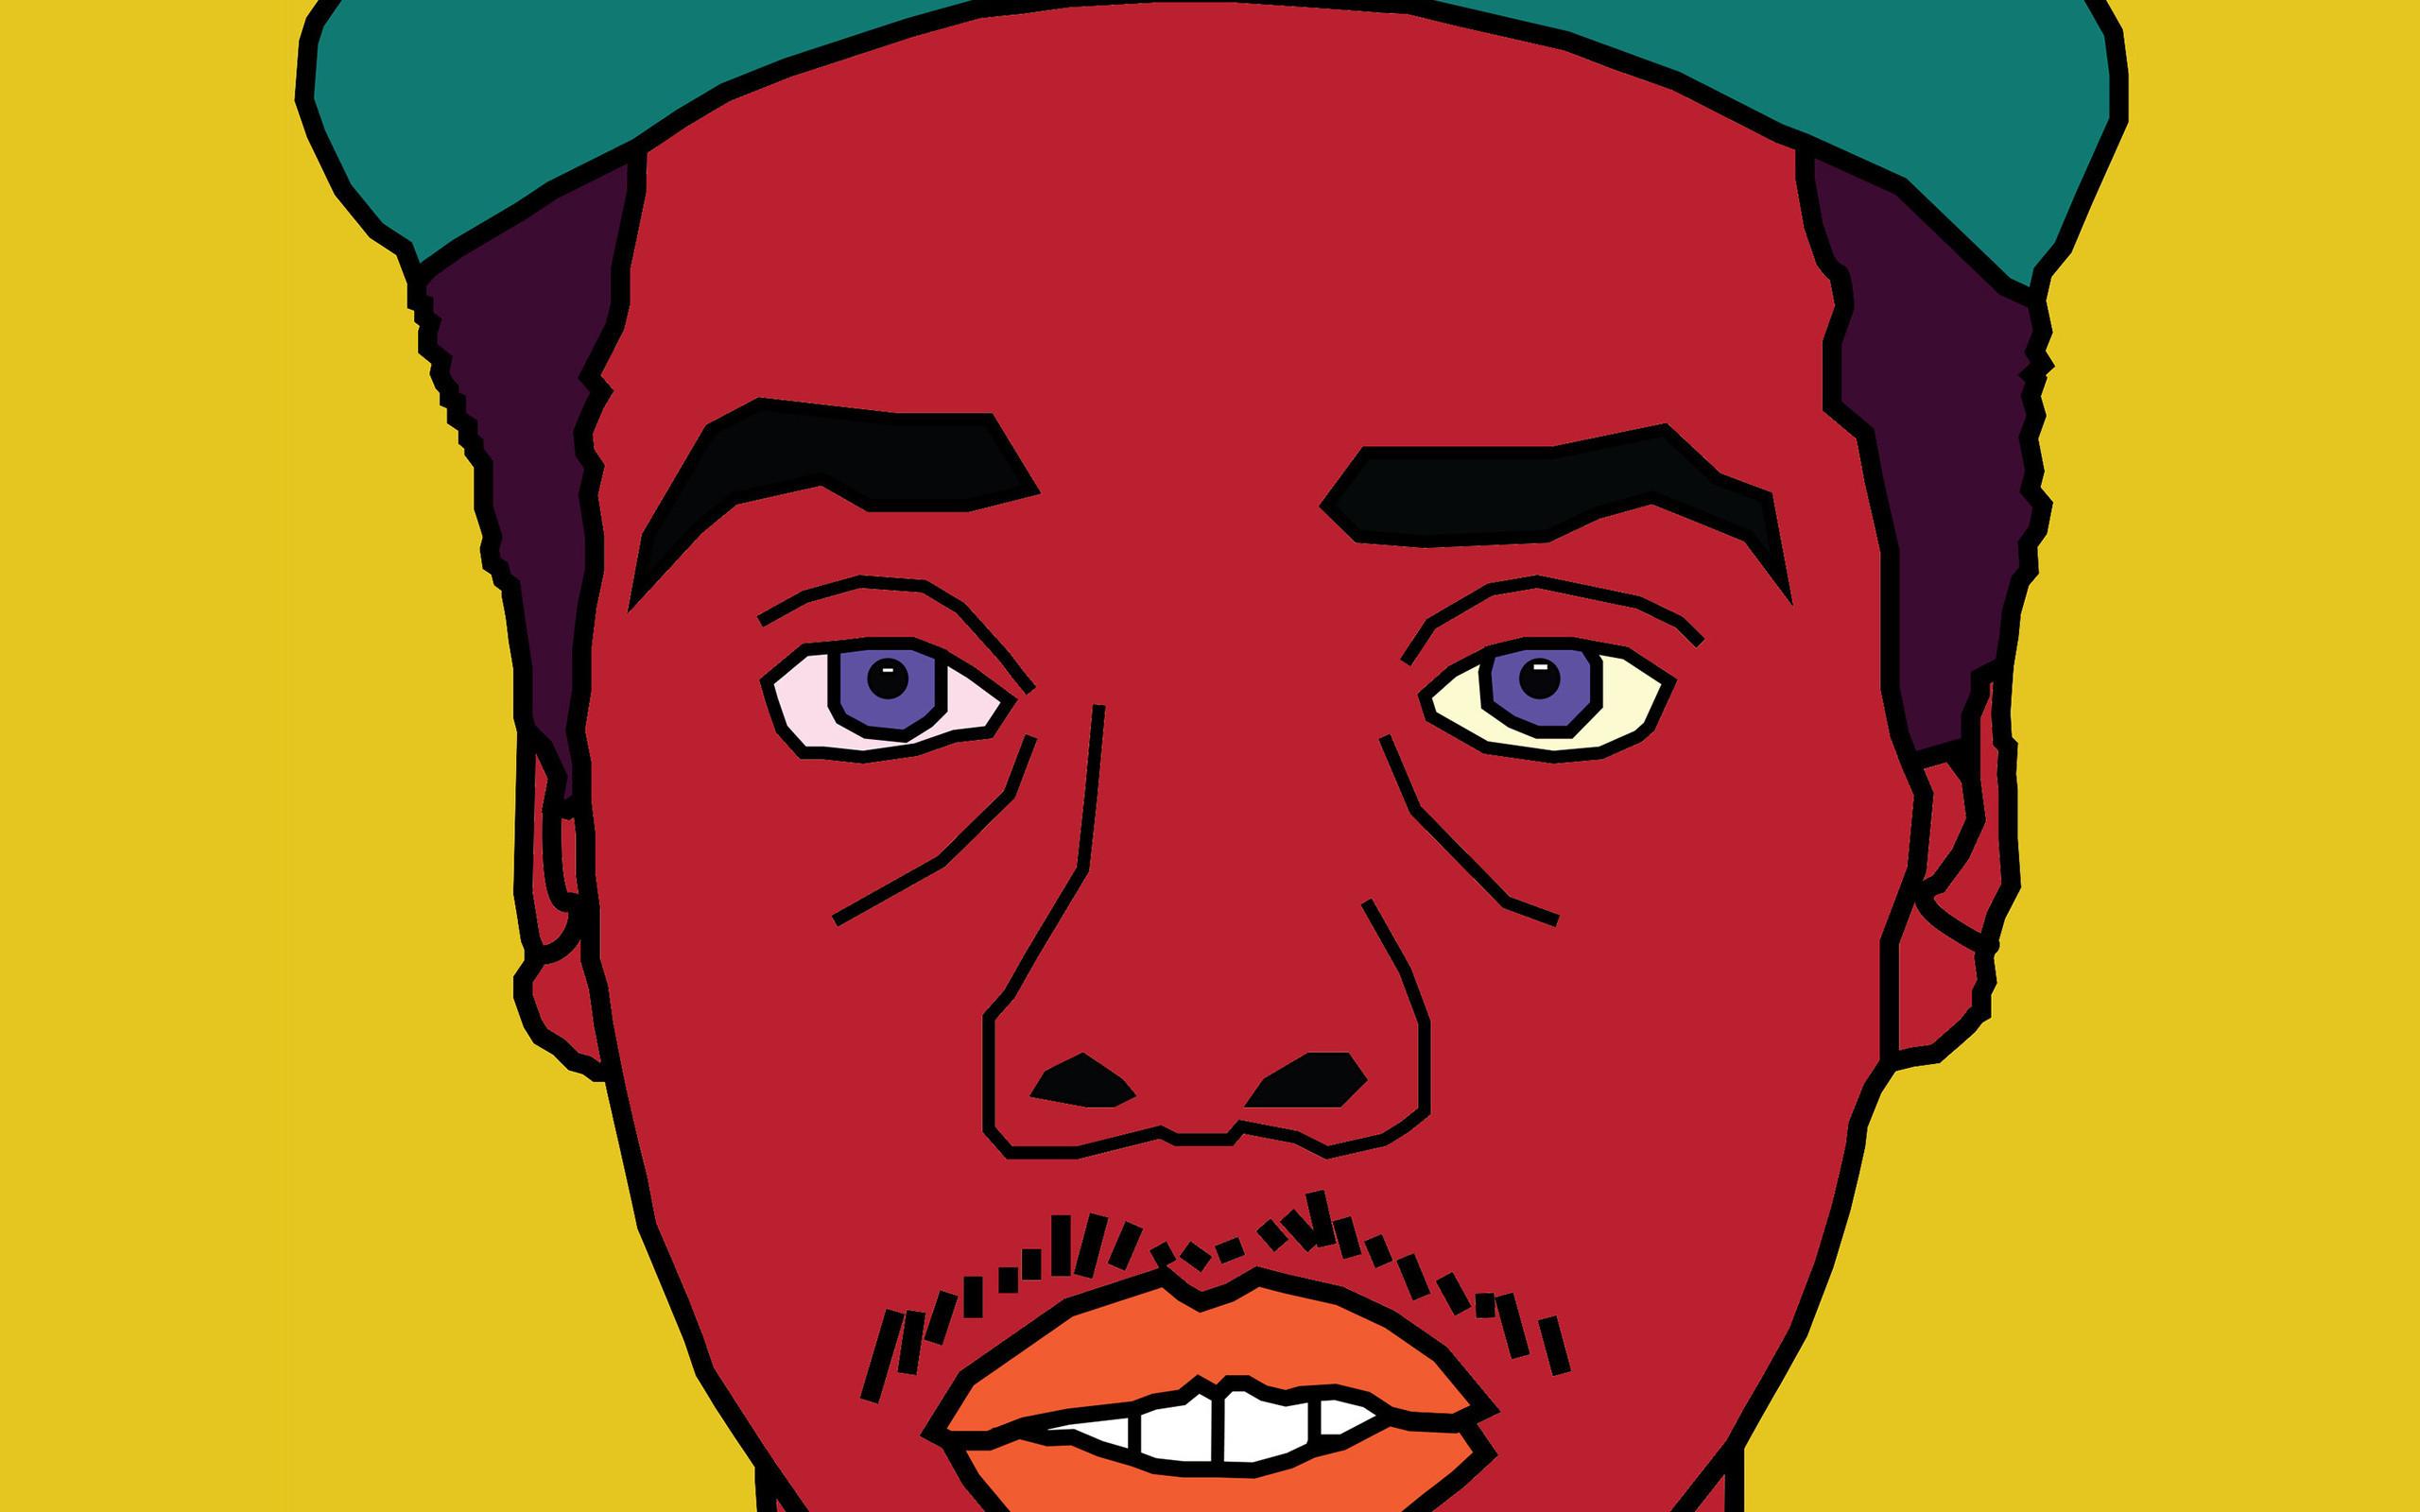 Singer, Rapper, Rap, Hip Hop, Earl Sweatshirt, Earl Sweatshirt Art